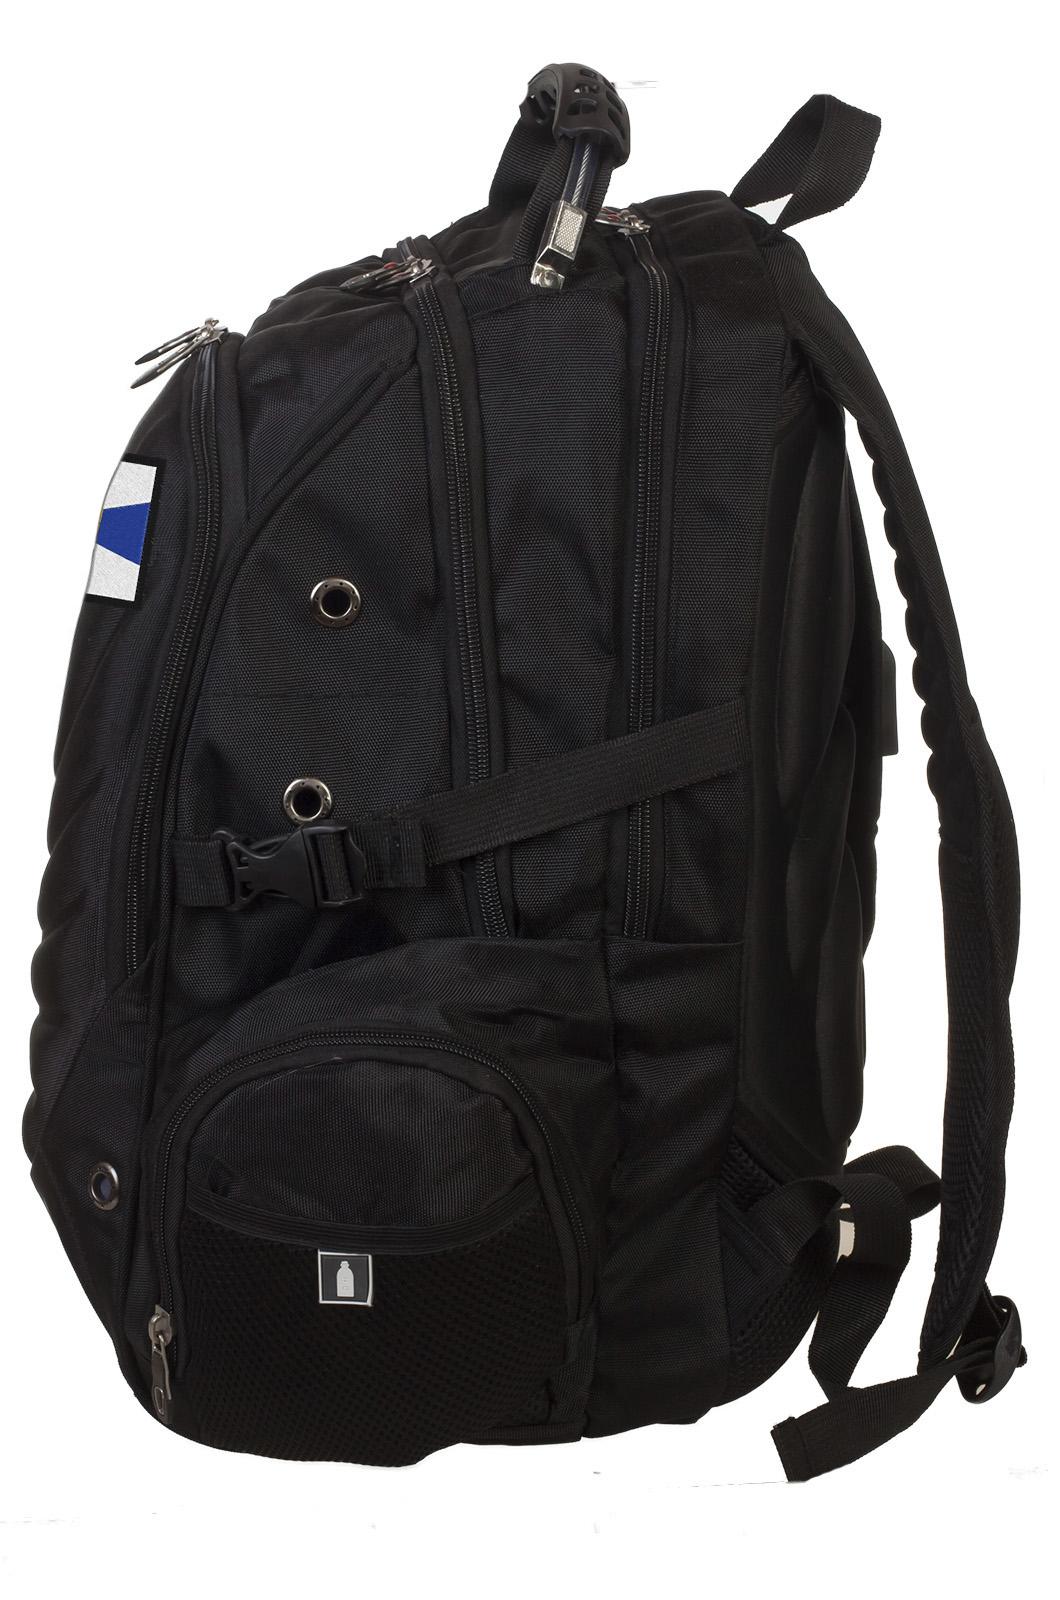 Мужской оригинальный рюкзак с нашивкой ФСО - купить с доставкой